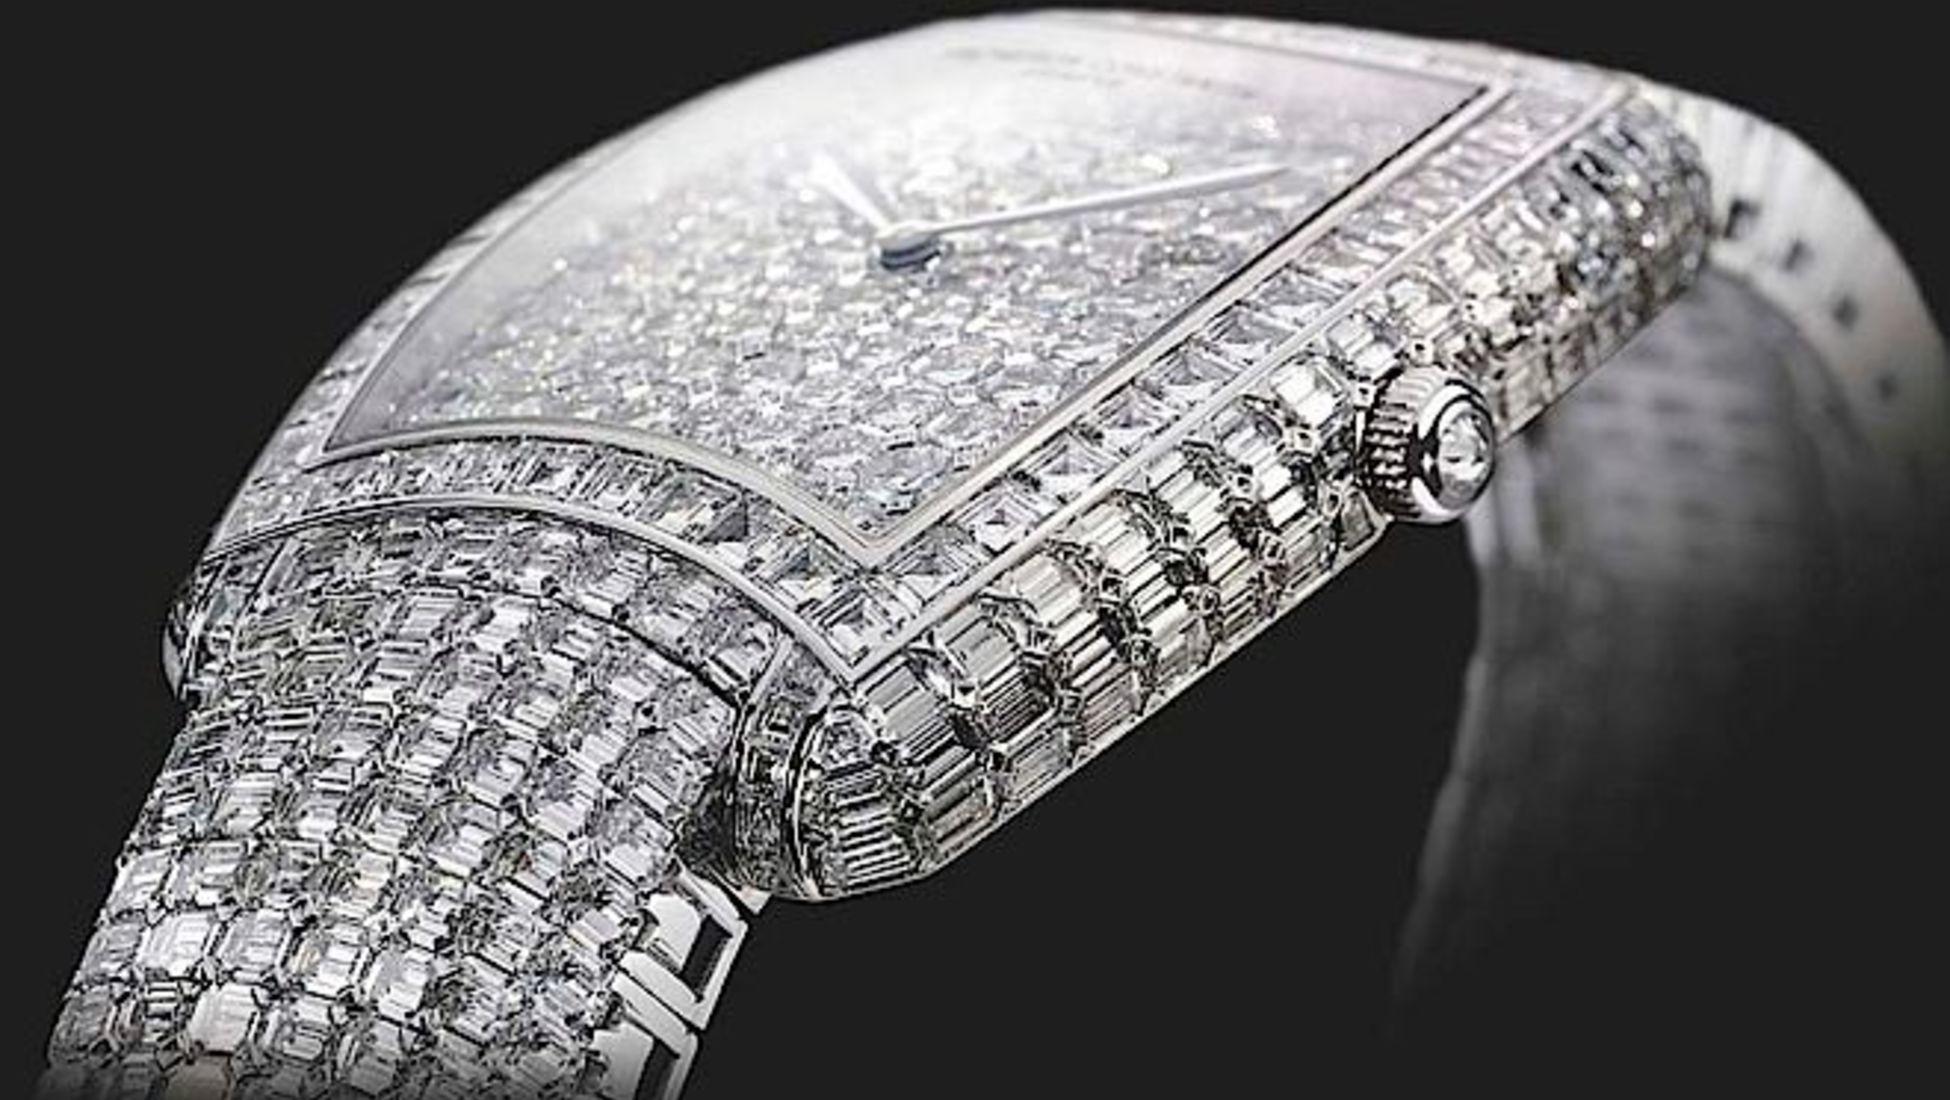 2424bbe978c Foi criado para o 260.º aniversário da Vacheron Constantin e tem um valor  de 8 milhões de euros. Isto faz com que seja um dos relógios mais caros de  2017.